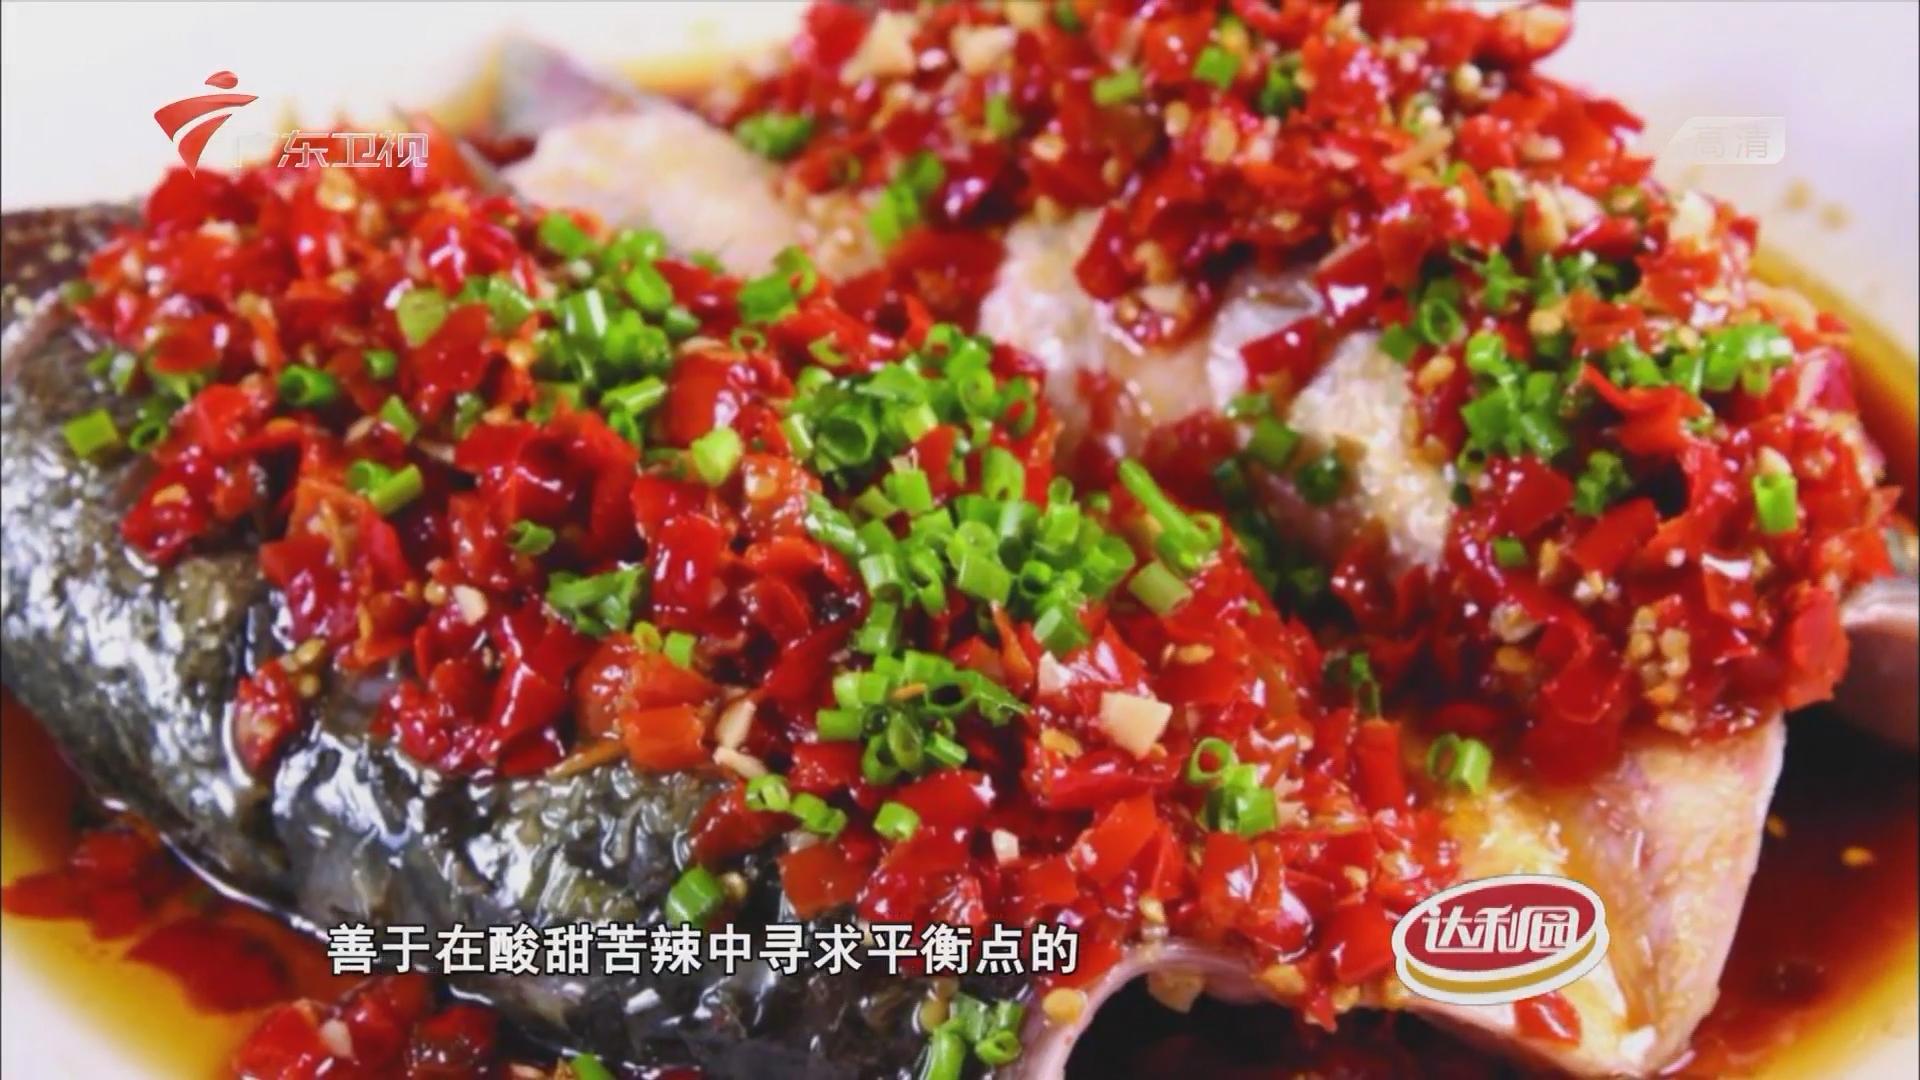 辣椒吃法各不同